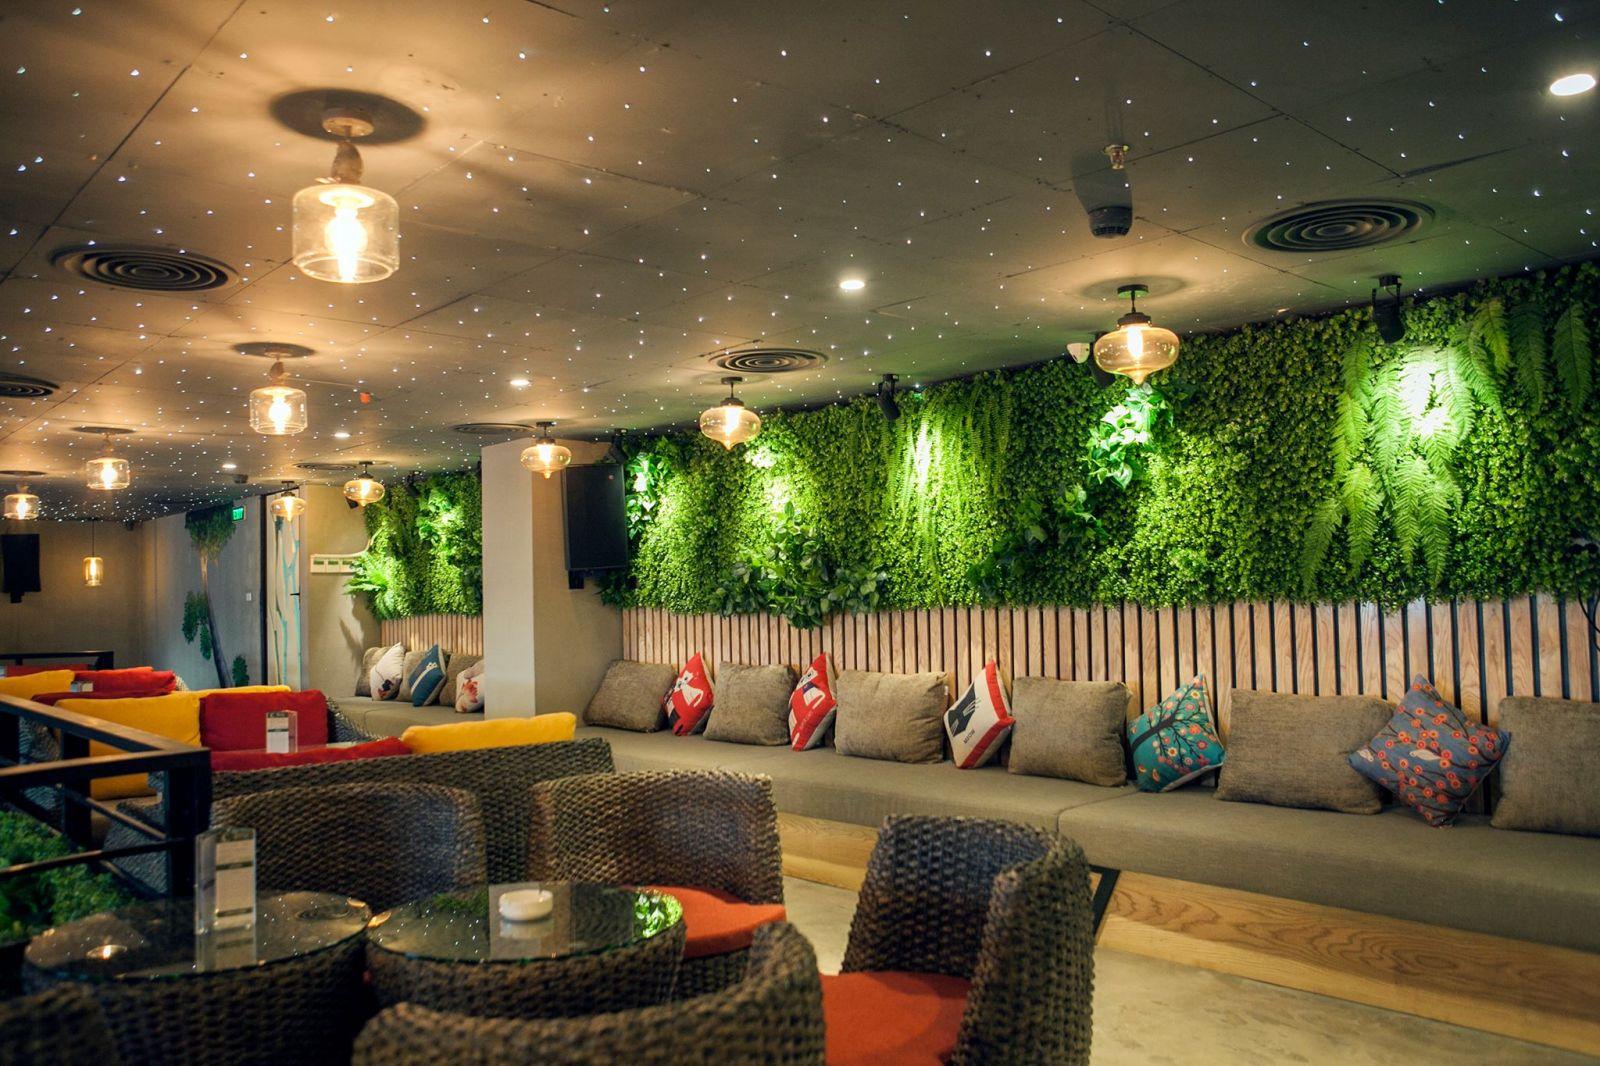 Top 4 quán cafe yên tĩnh dành cho dân văn phòng tại Hà Nội